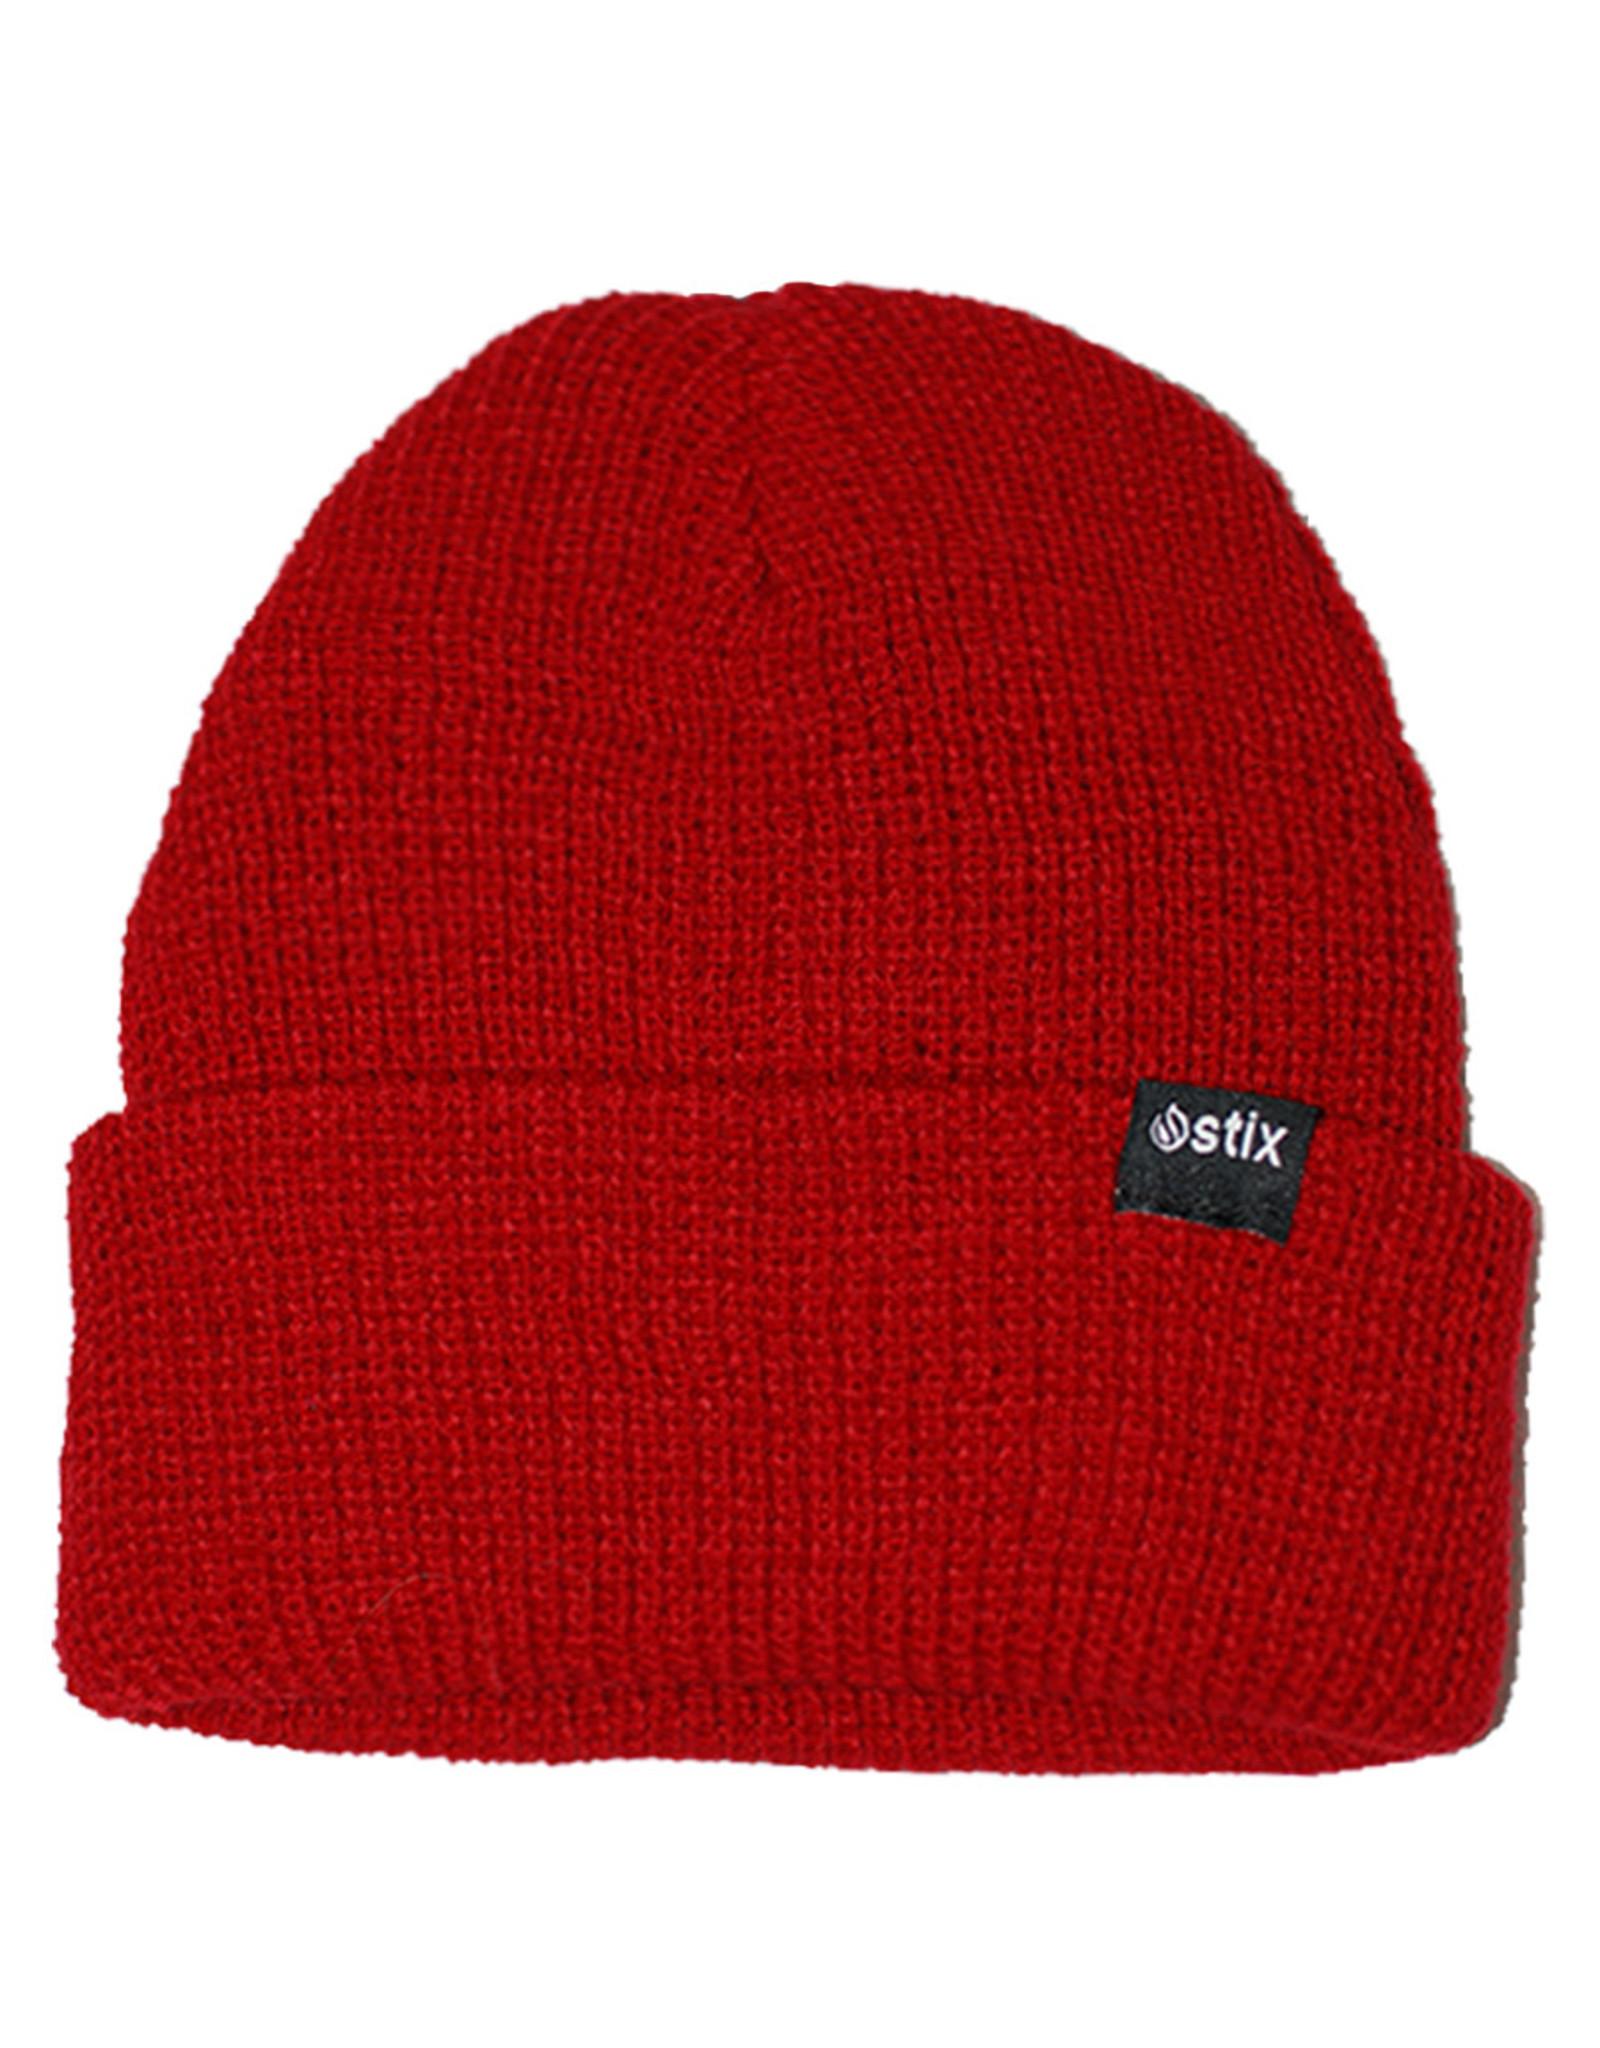 Stix Stix Beanie Classic Cuff (Red)